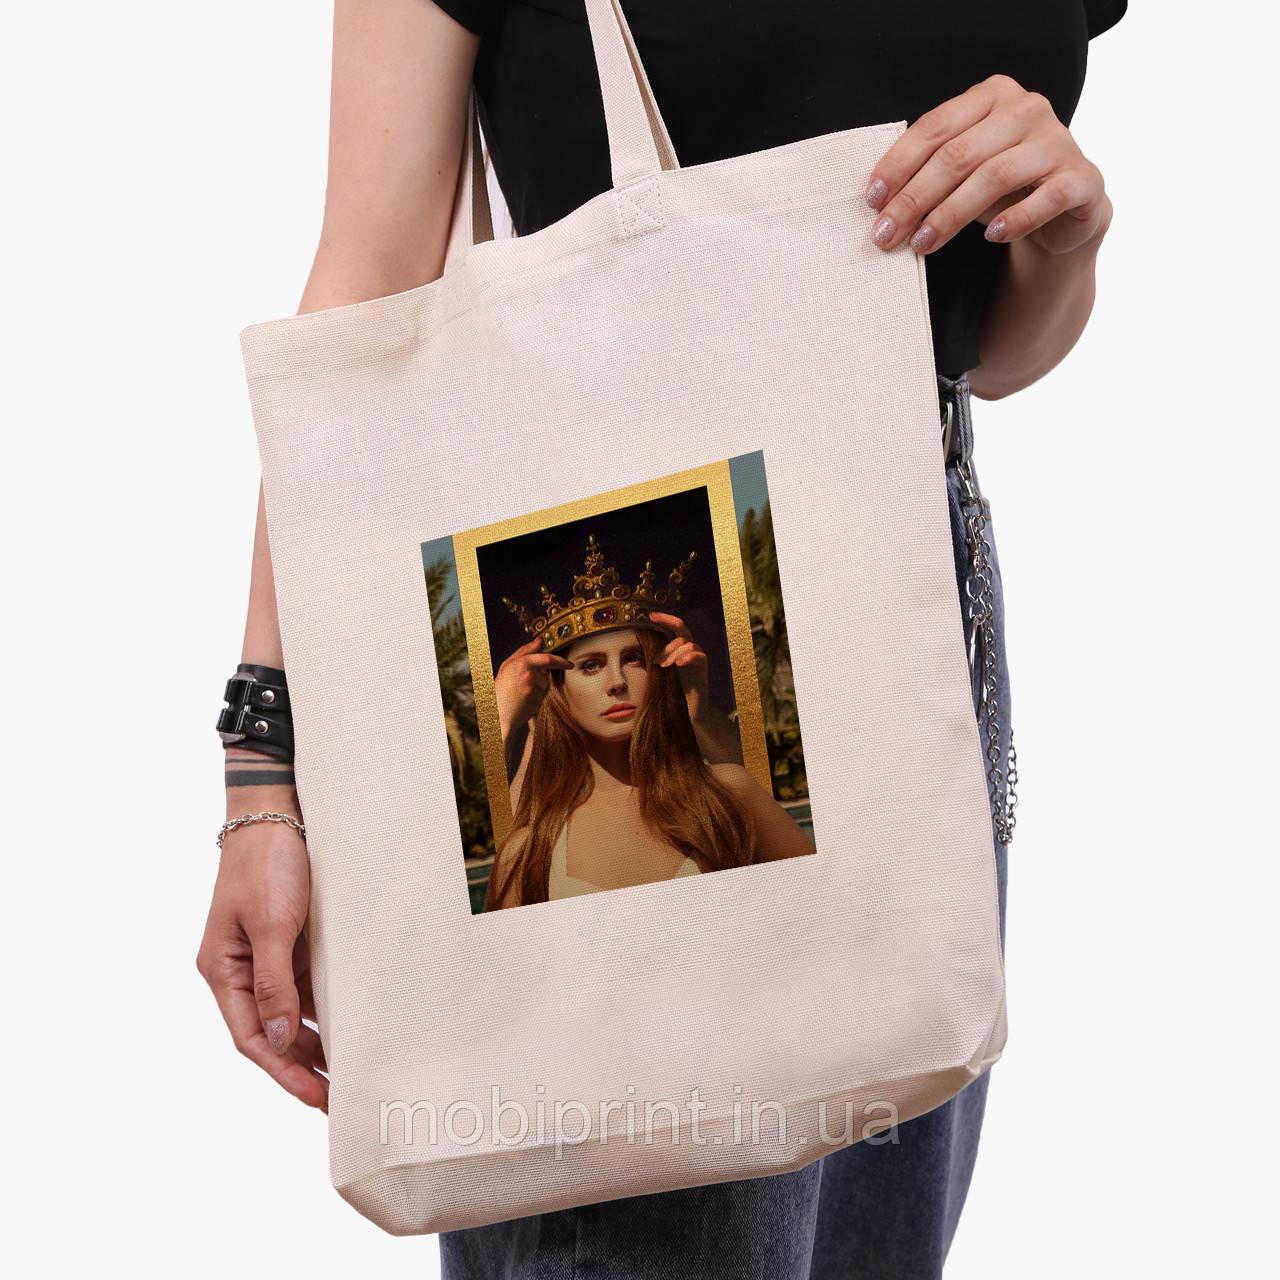 Эко сумка шоппер белая Ренессанс-Лана дел Рей (Lana Del Rey) (9227-1590-1)  экосумка шопер 41*39*8 см